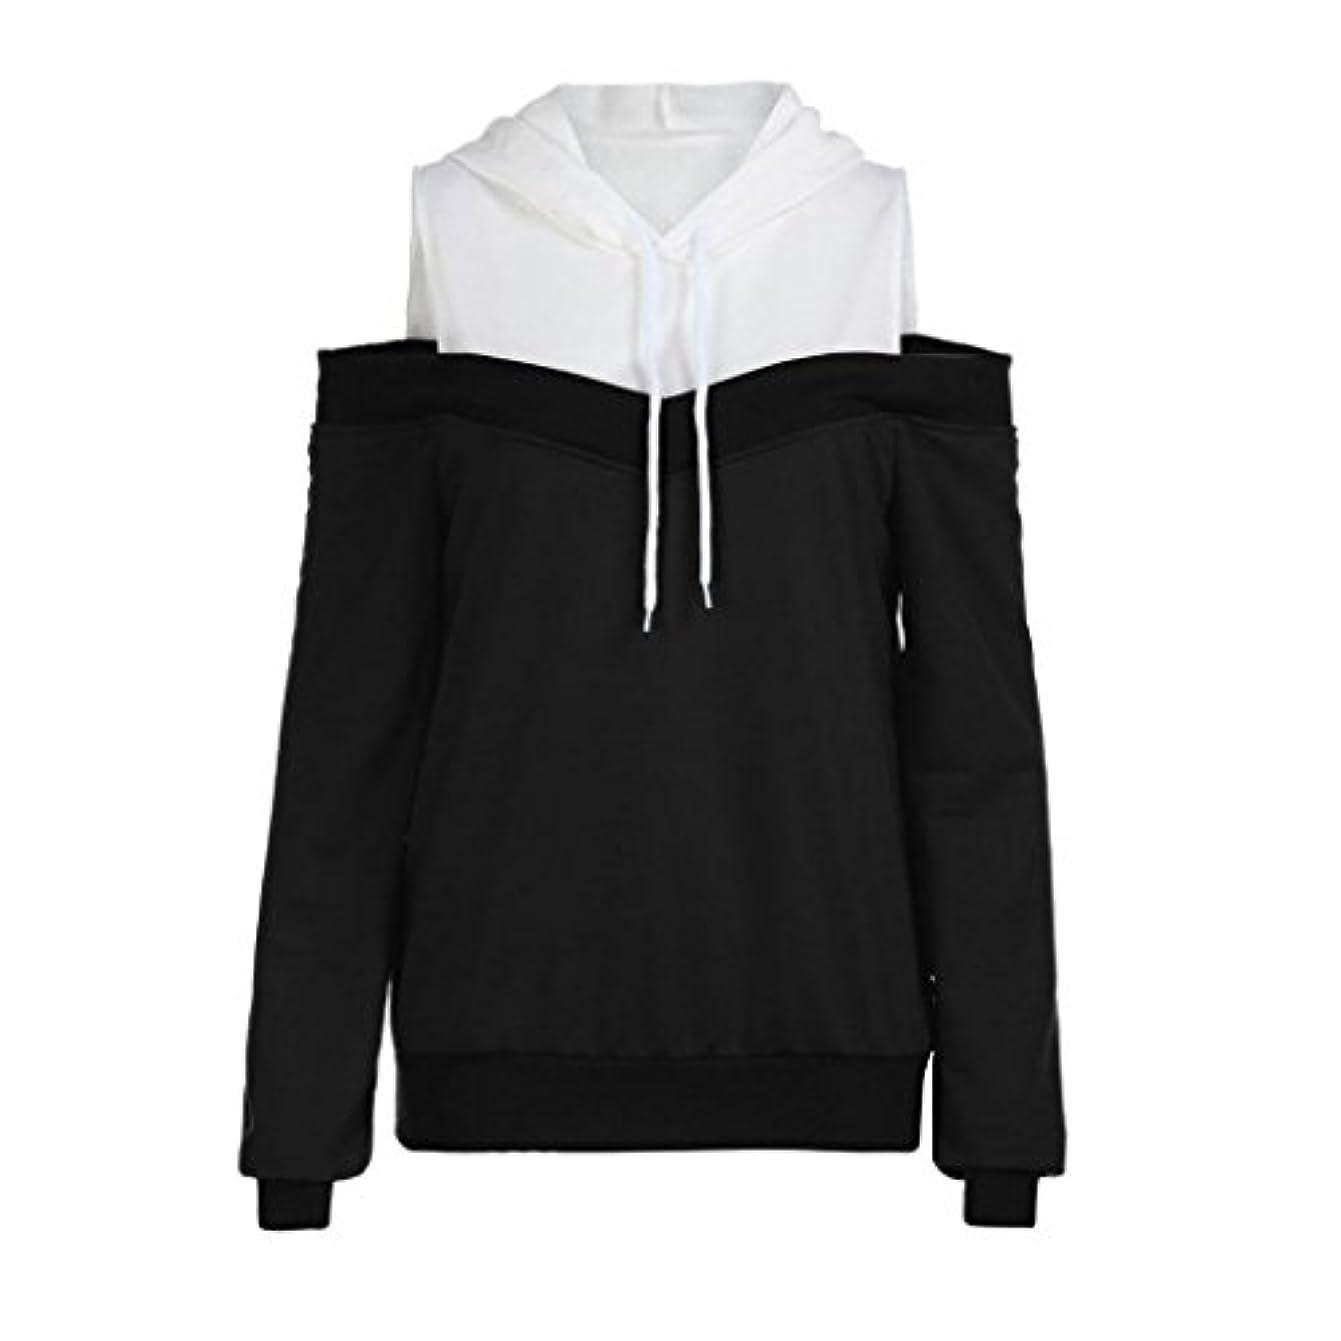 仮定する脊椎邪魔SakuraBest レディースファッションオフショルダーロングスリーブパーカースウェットシャツ